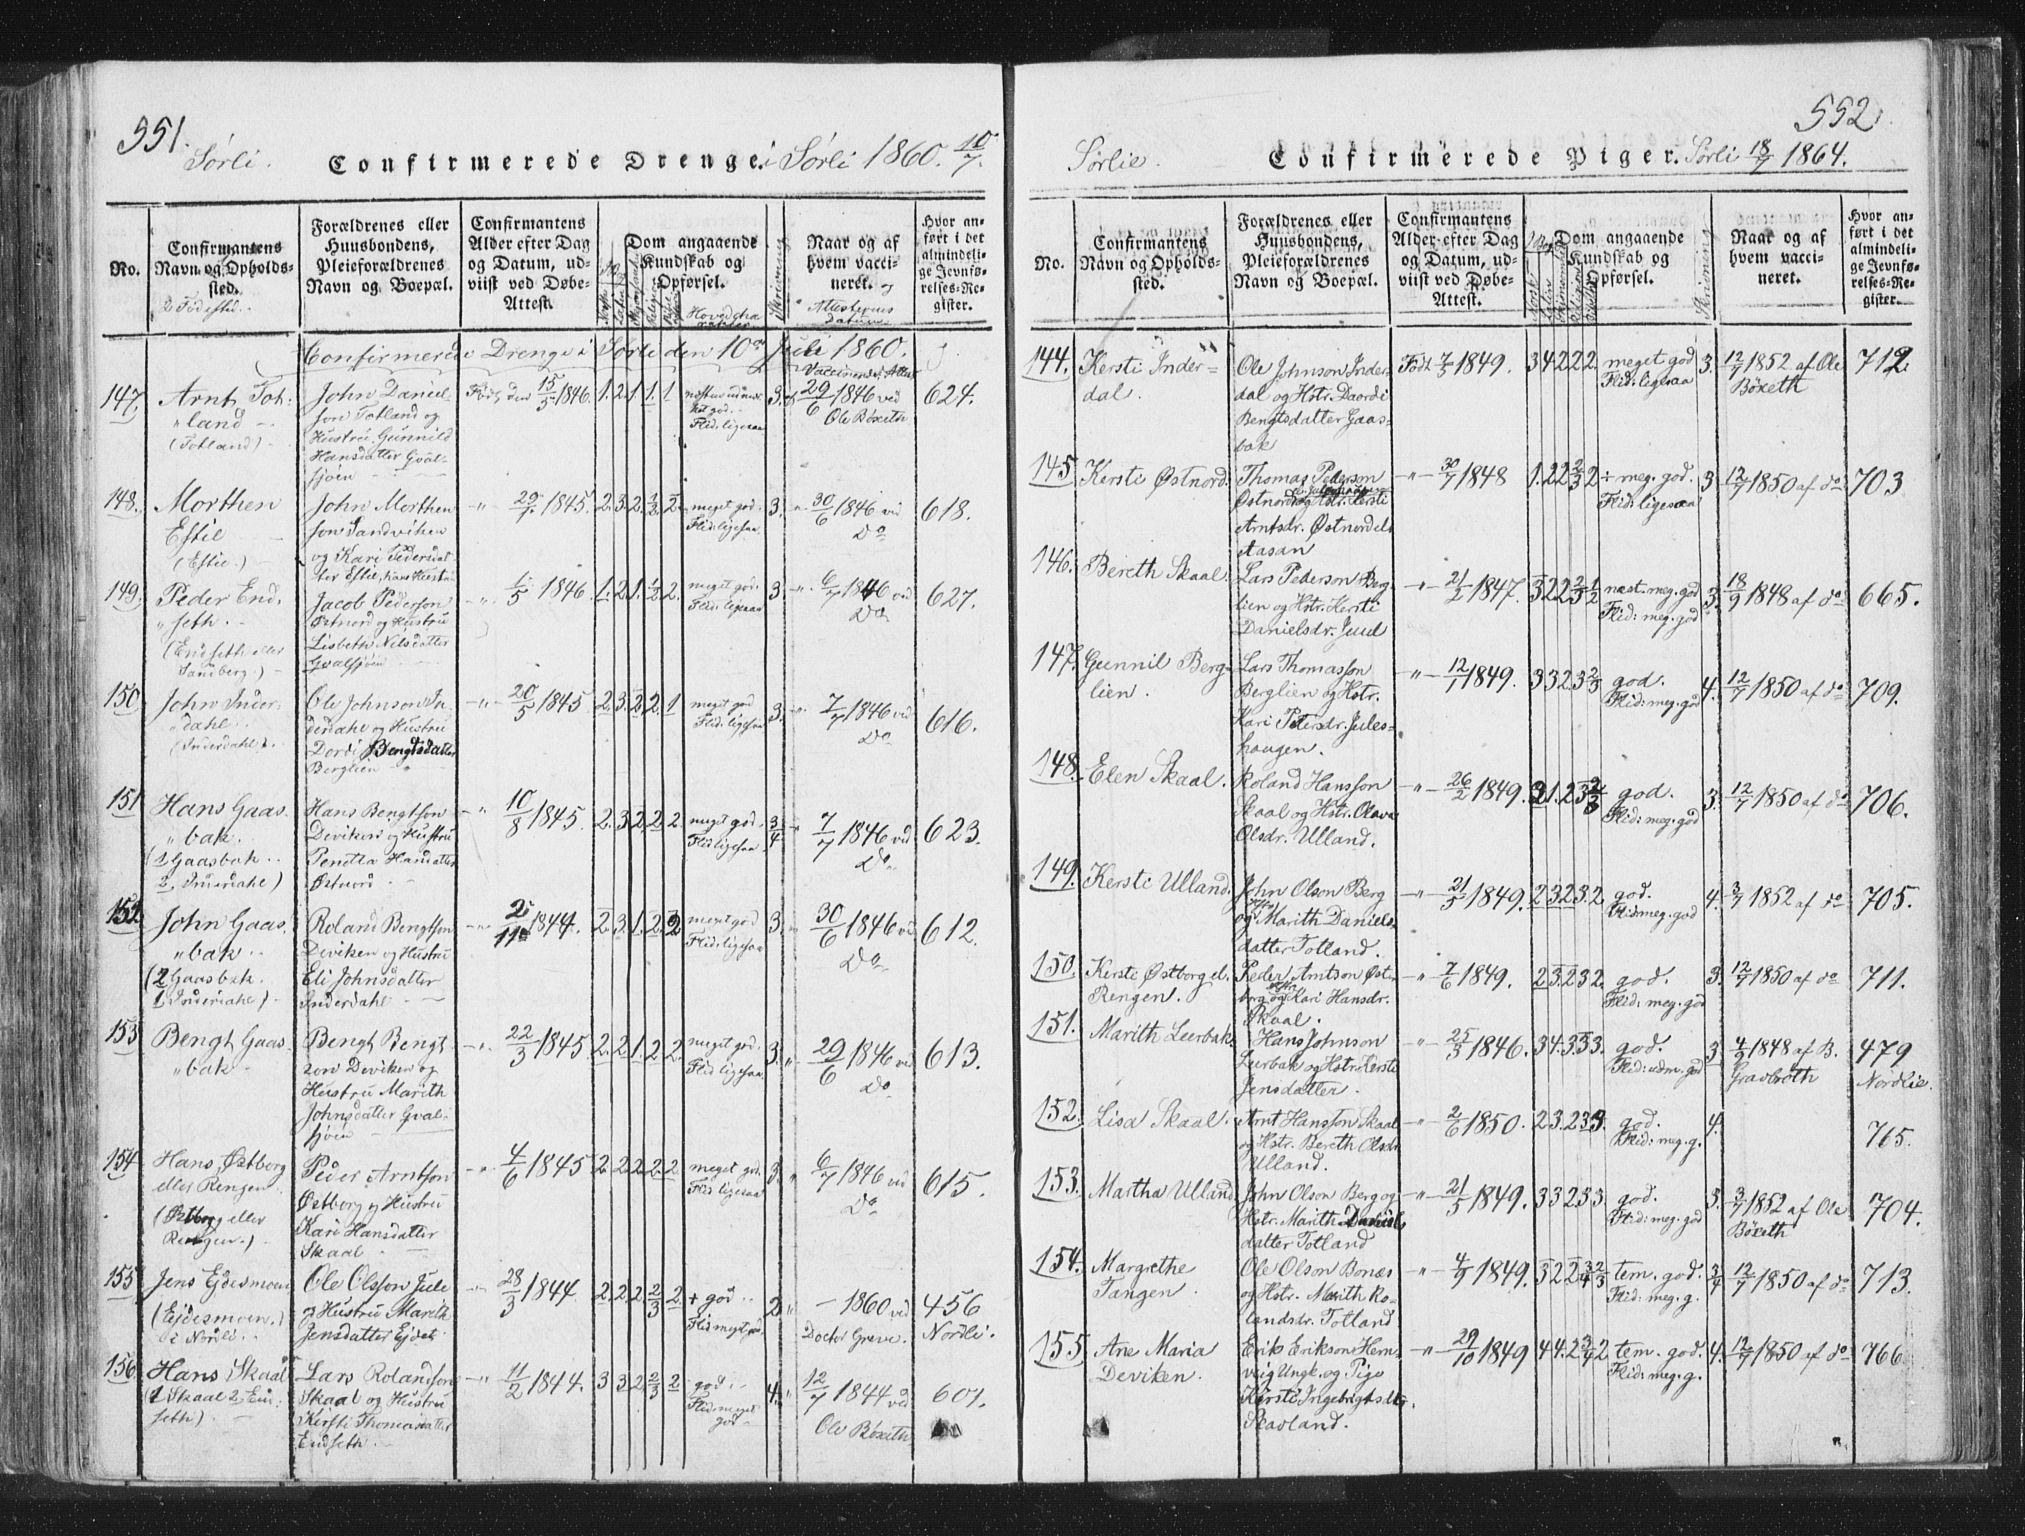 SAT, Ministerialprotokoller, klokkerbøker og fødselsregistre - Nord-Trøndelag, 755/L0491: Ministerialbok nr. 755A01 /2, 1817-1864, s. 551-552